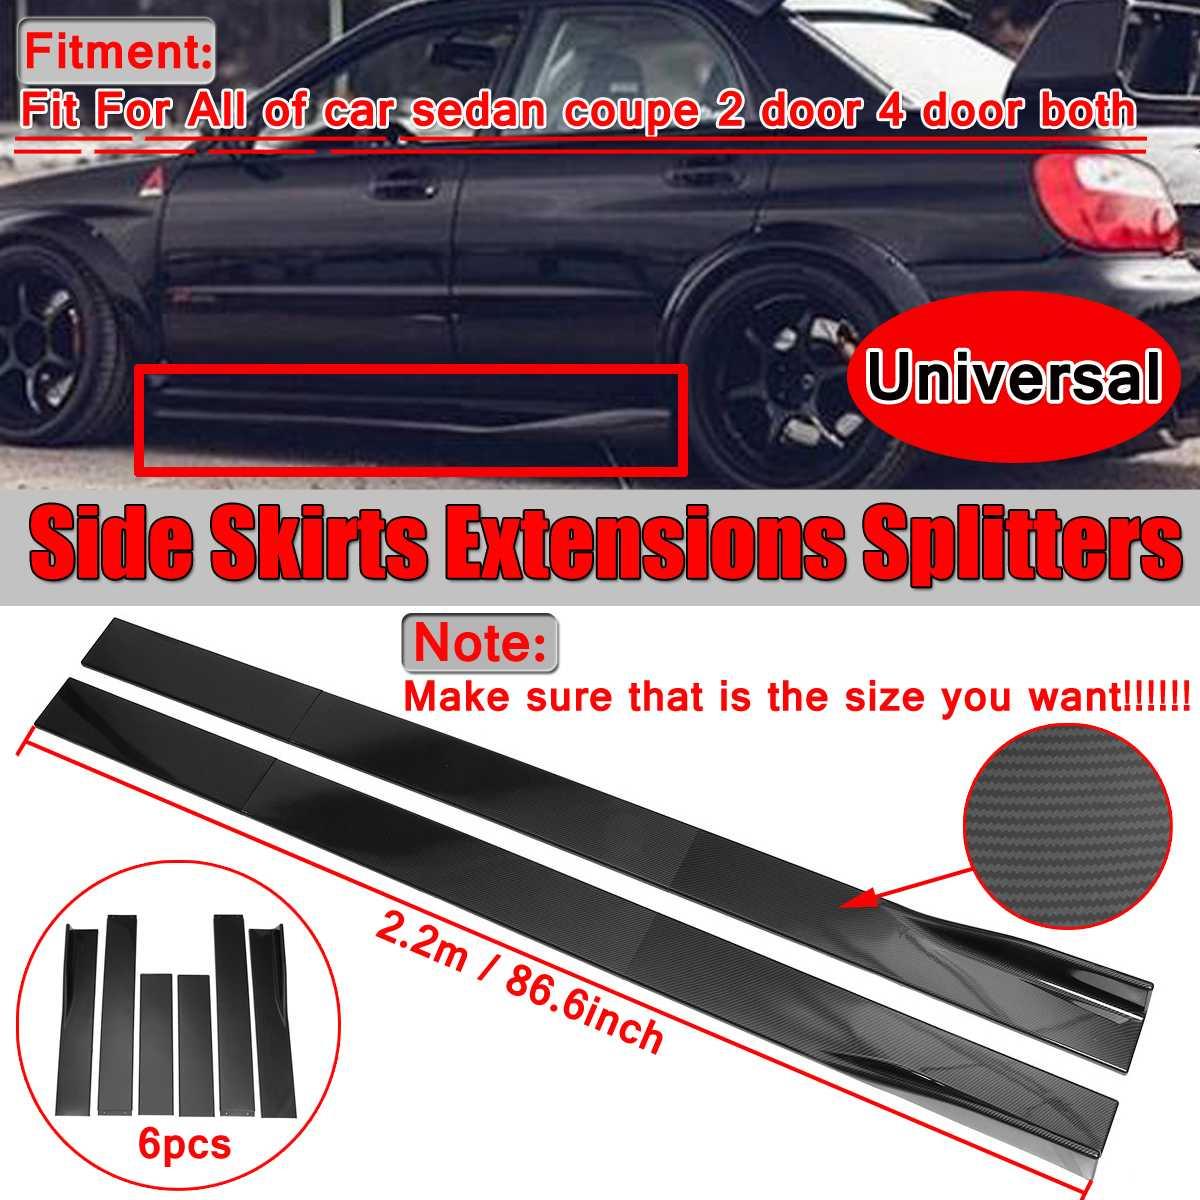 6 pçs olhar de carbono/preto 2 m/2.2 m universal lado saia extensões saias laterais do carro winglet divisores lábio para bmw para benz para honda